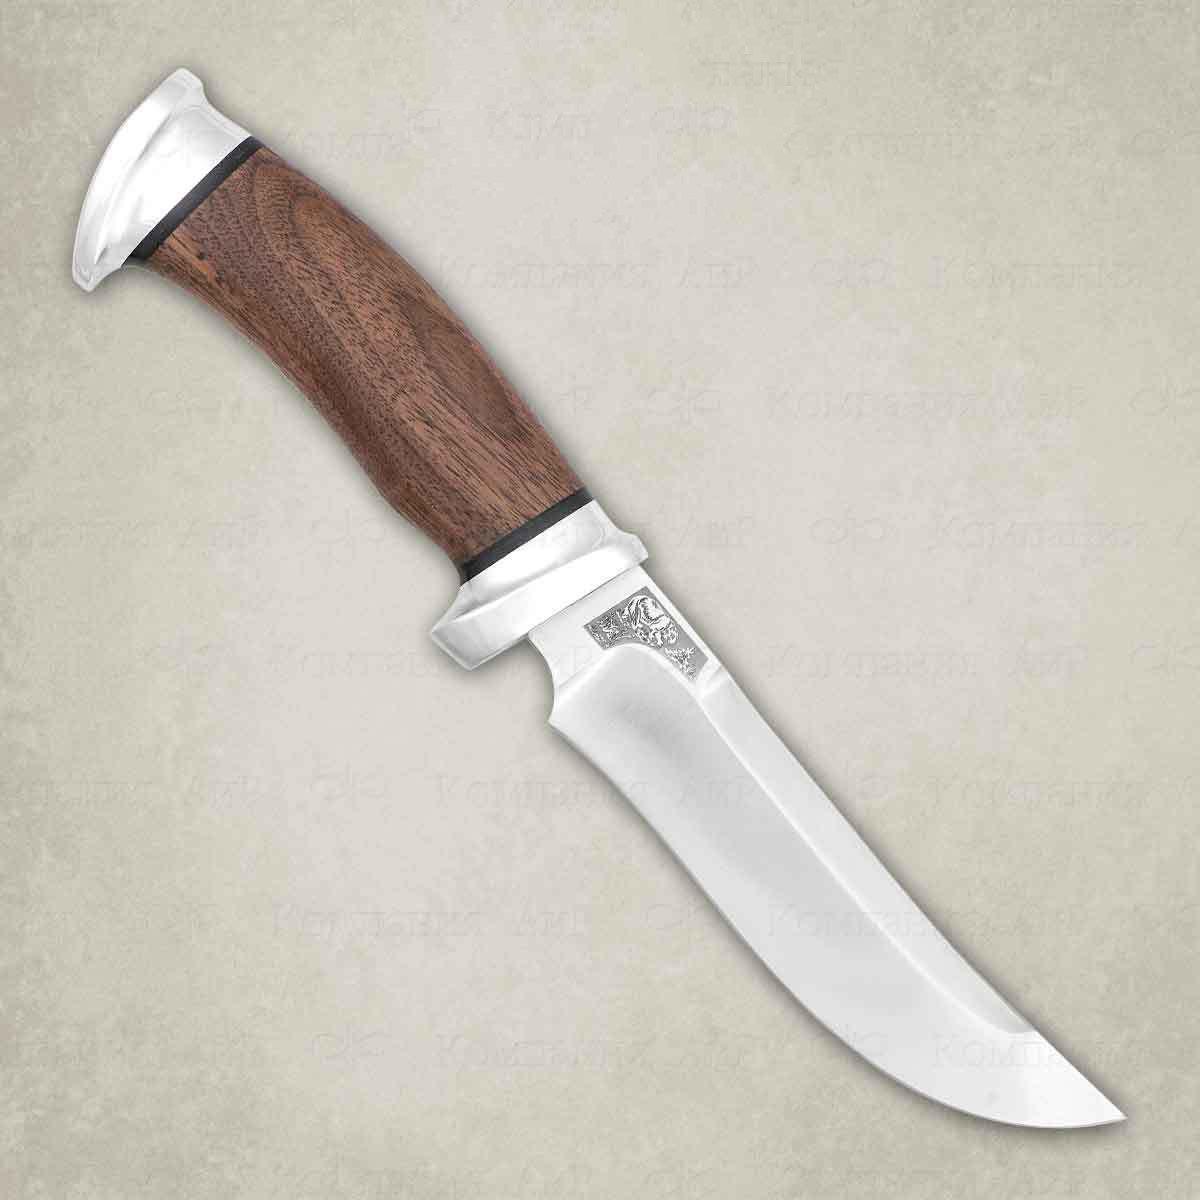 Нож разделочный АиР Росомаха, сталь Elmax, рукоять дерево